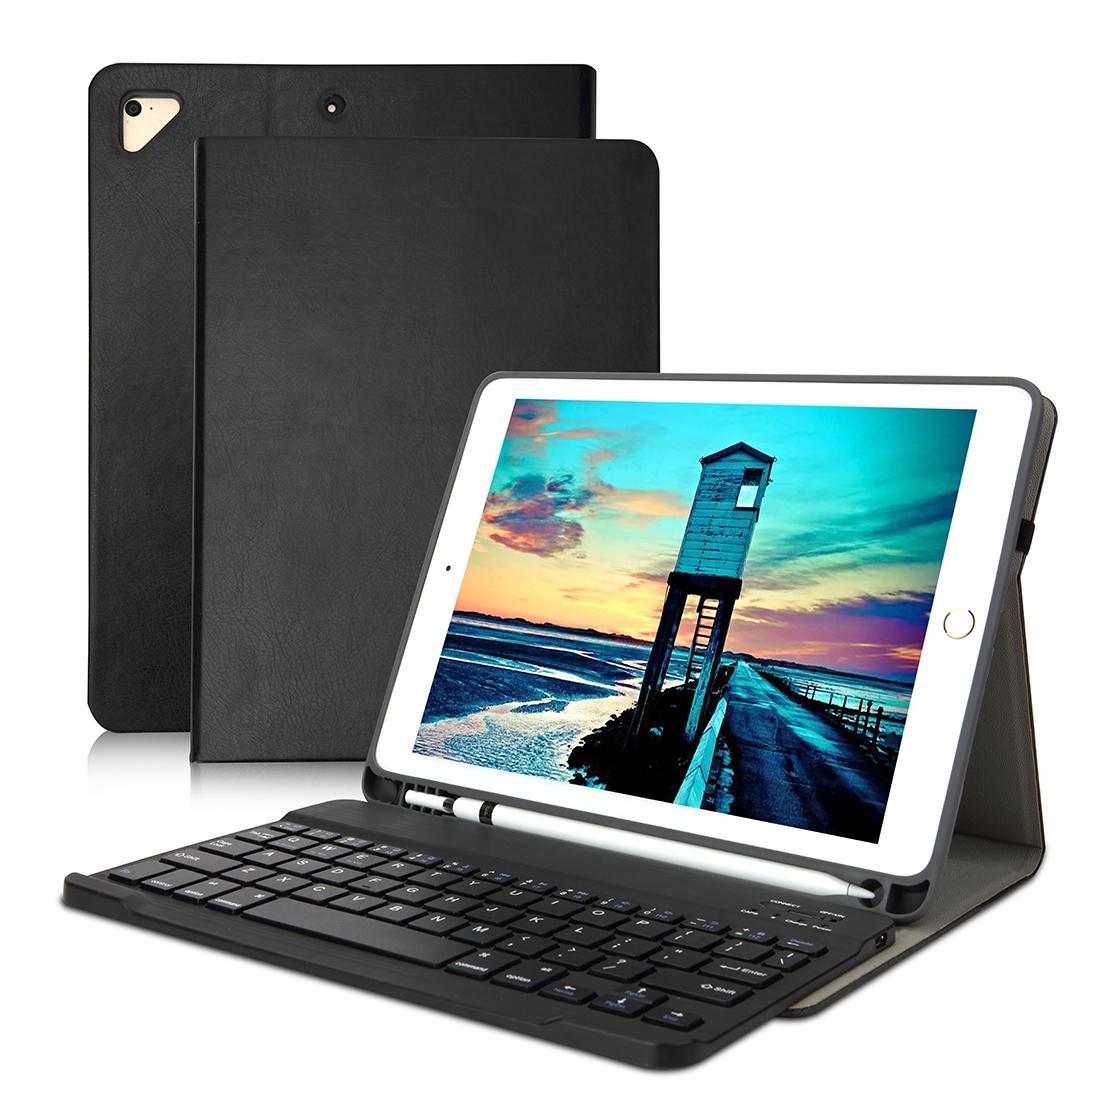 Best Ipad Keyboard Case 6th Generation Also Fits Ipad 5th Gen 2017 Ipad Pro 9 7 Ipad Air 1 2